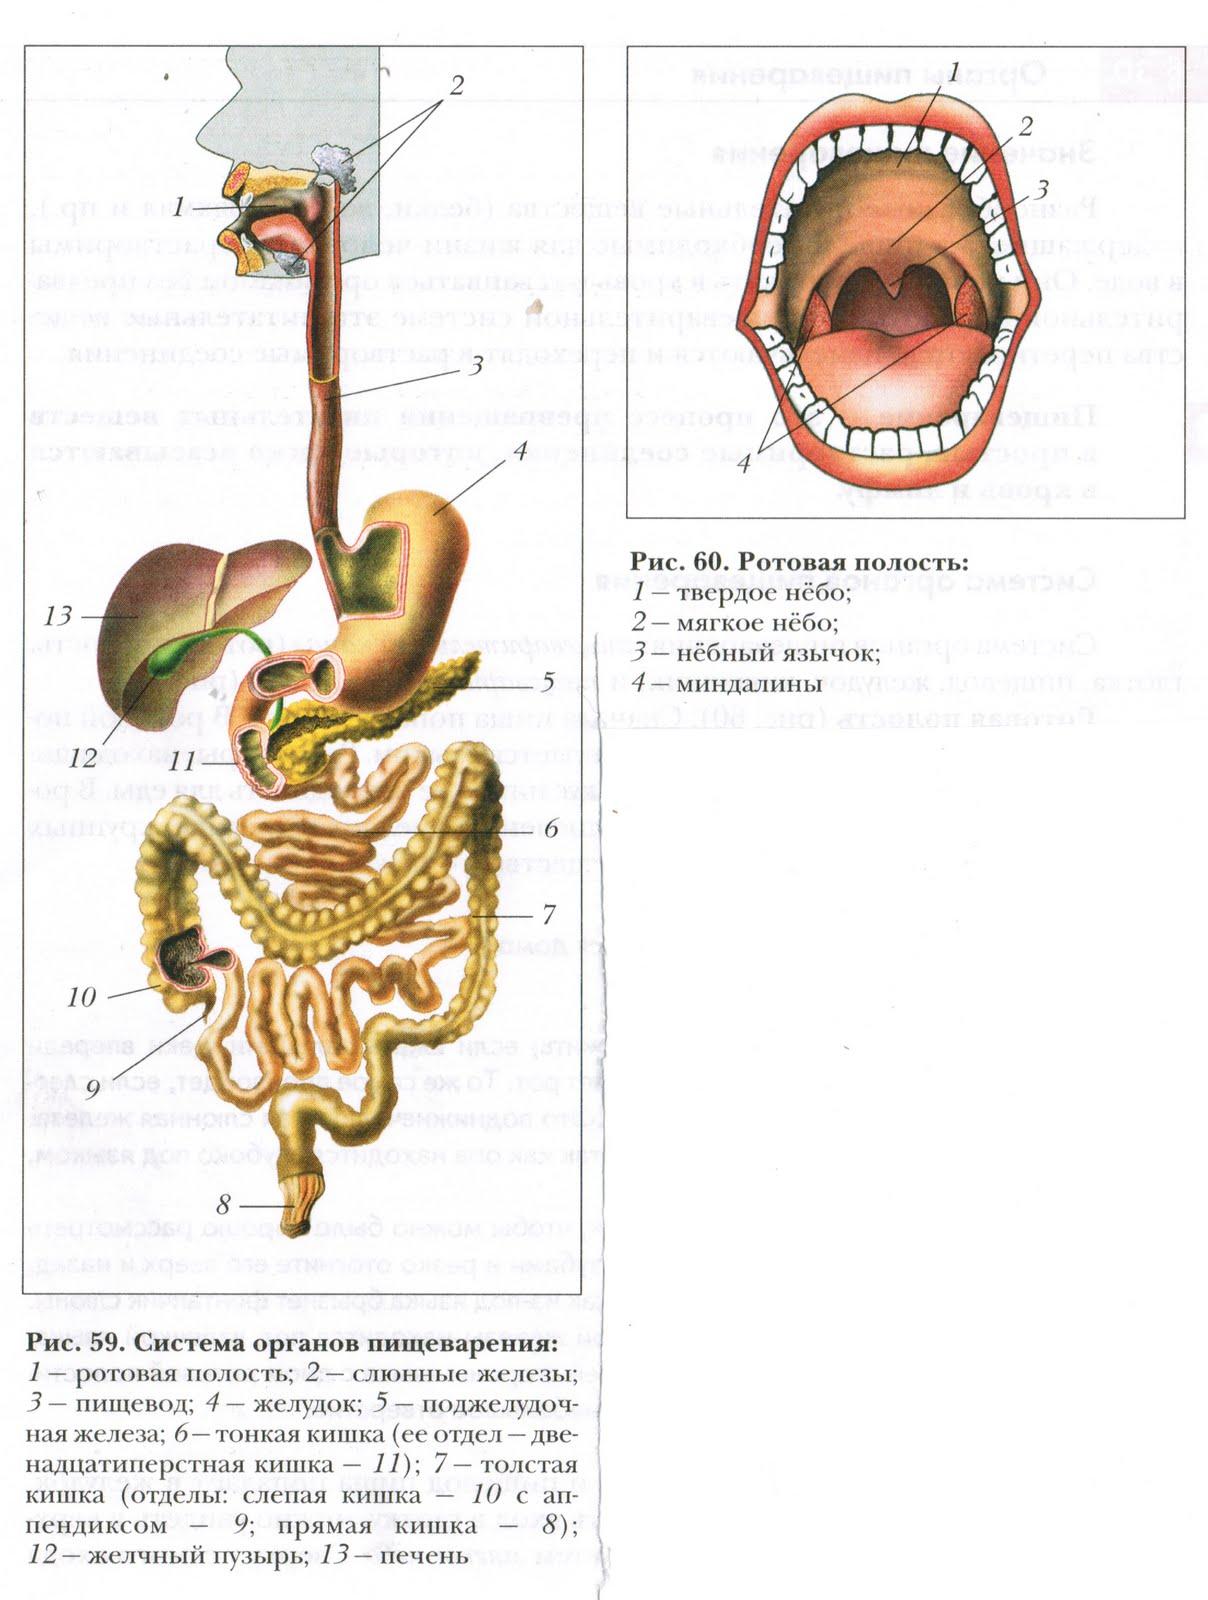 Схема внутренних органов пищеварения